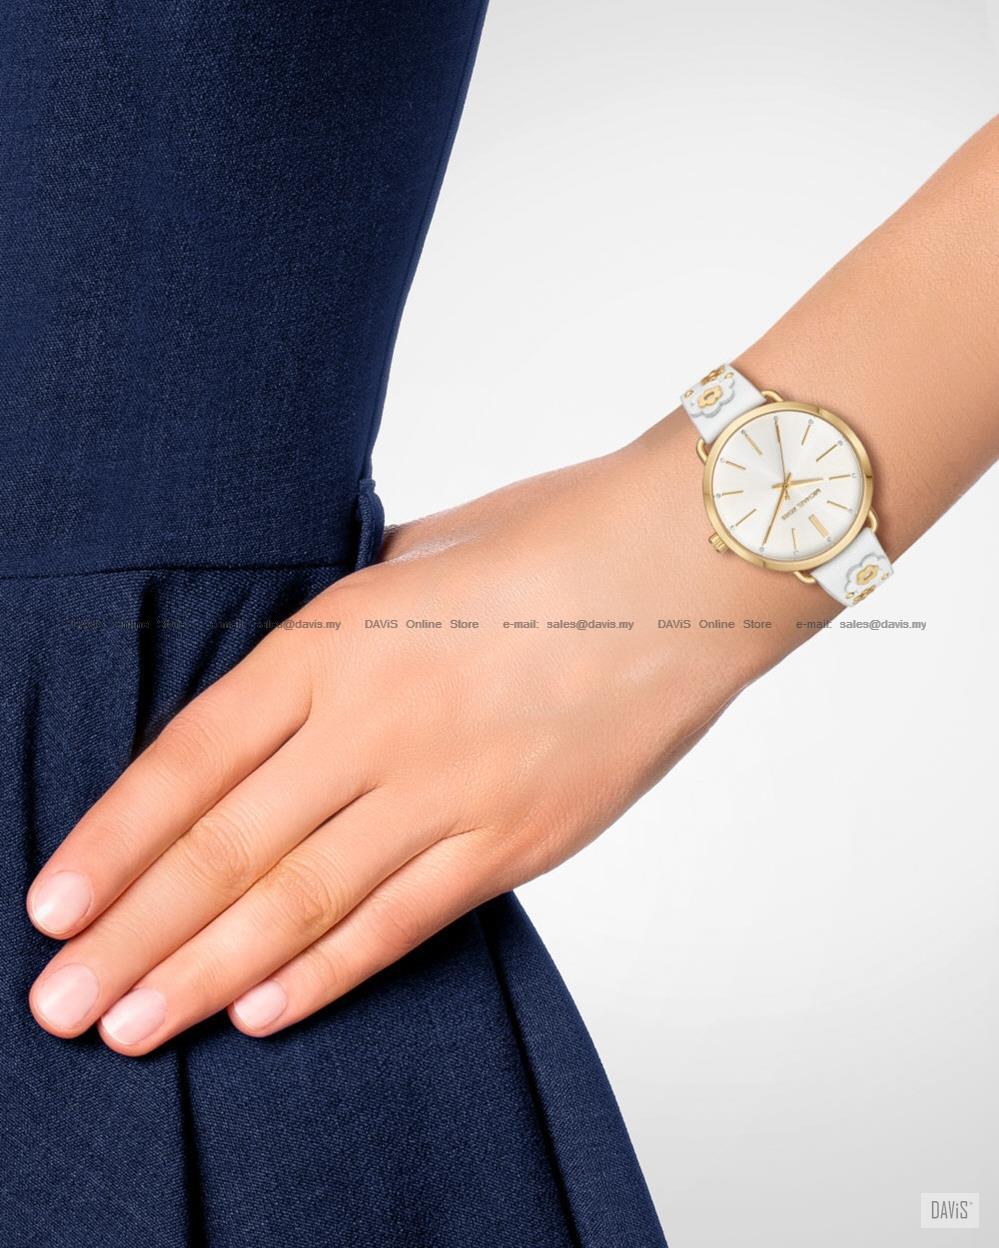 f81d6985c0eff MICHAEL KORS MK2737 Women s Portia Floral Applique Leather White Gold